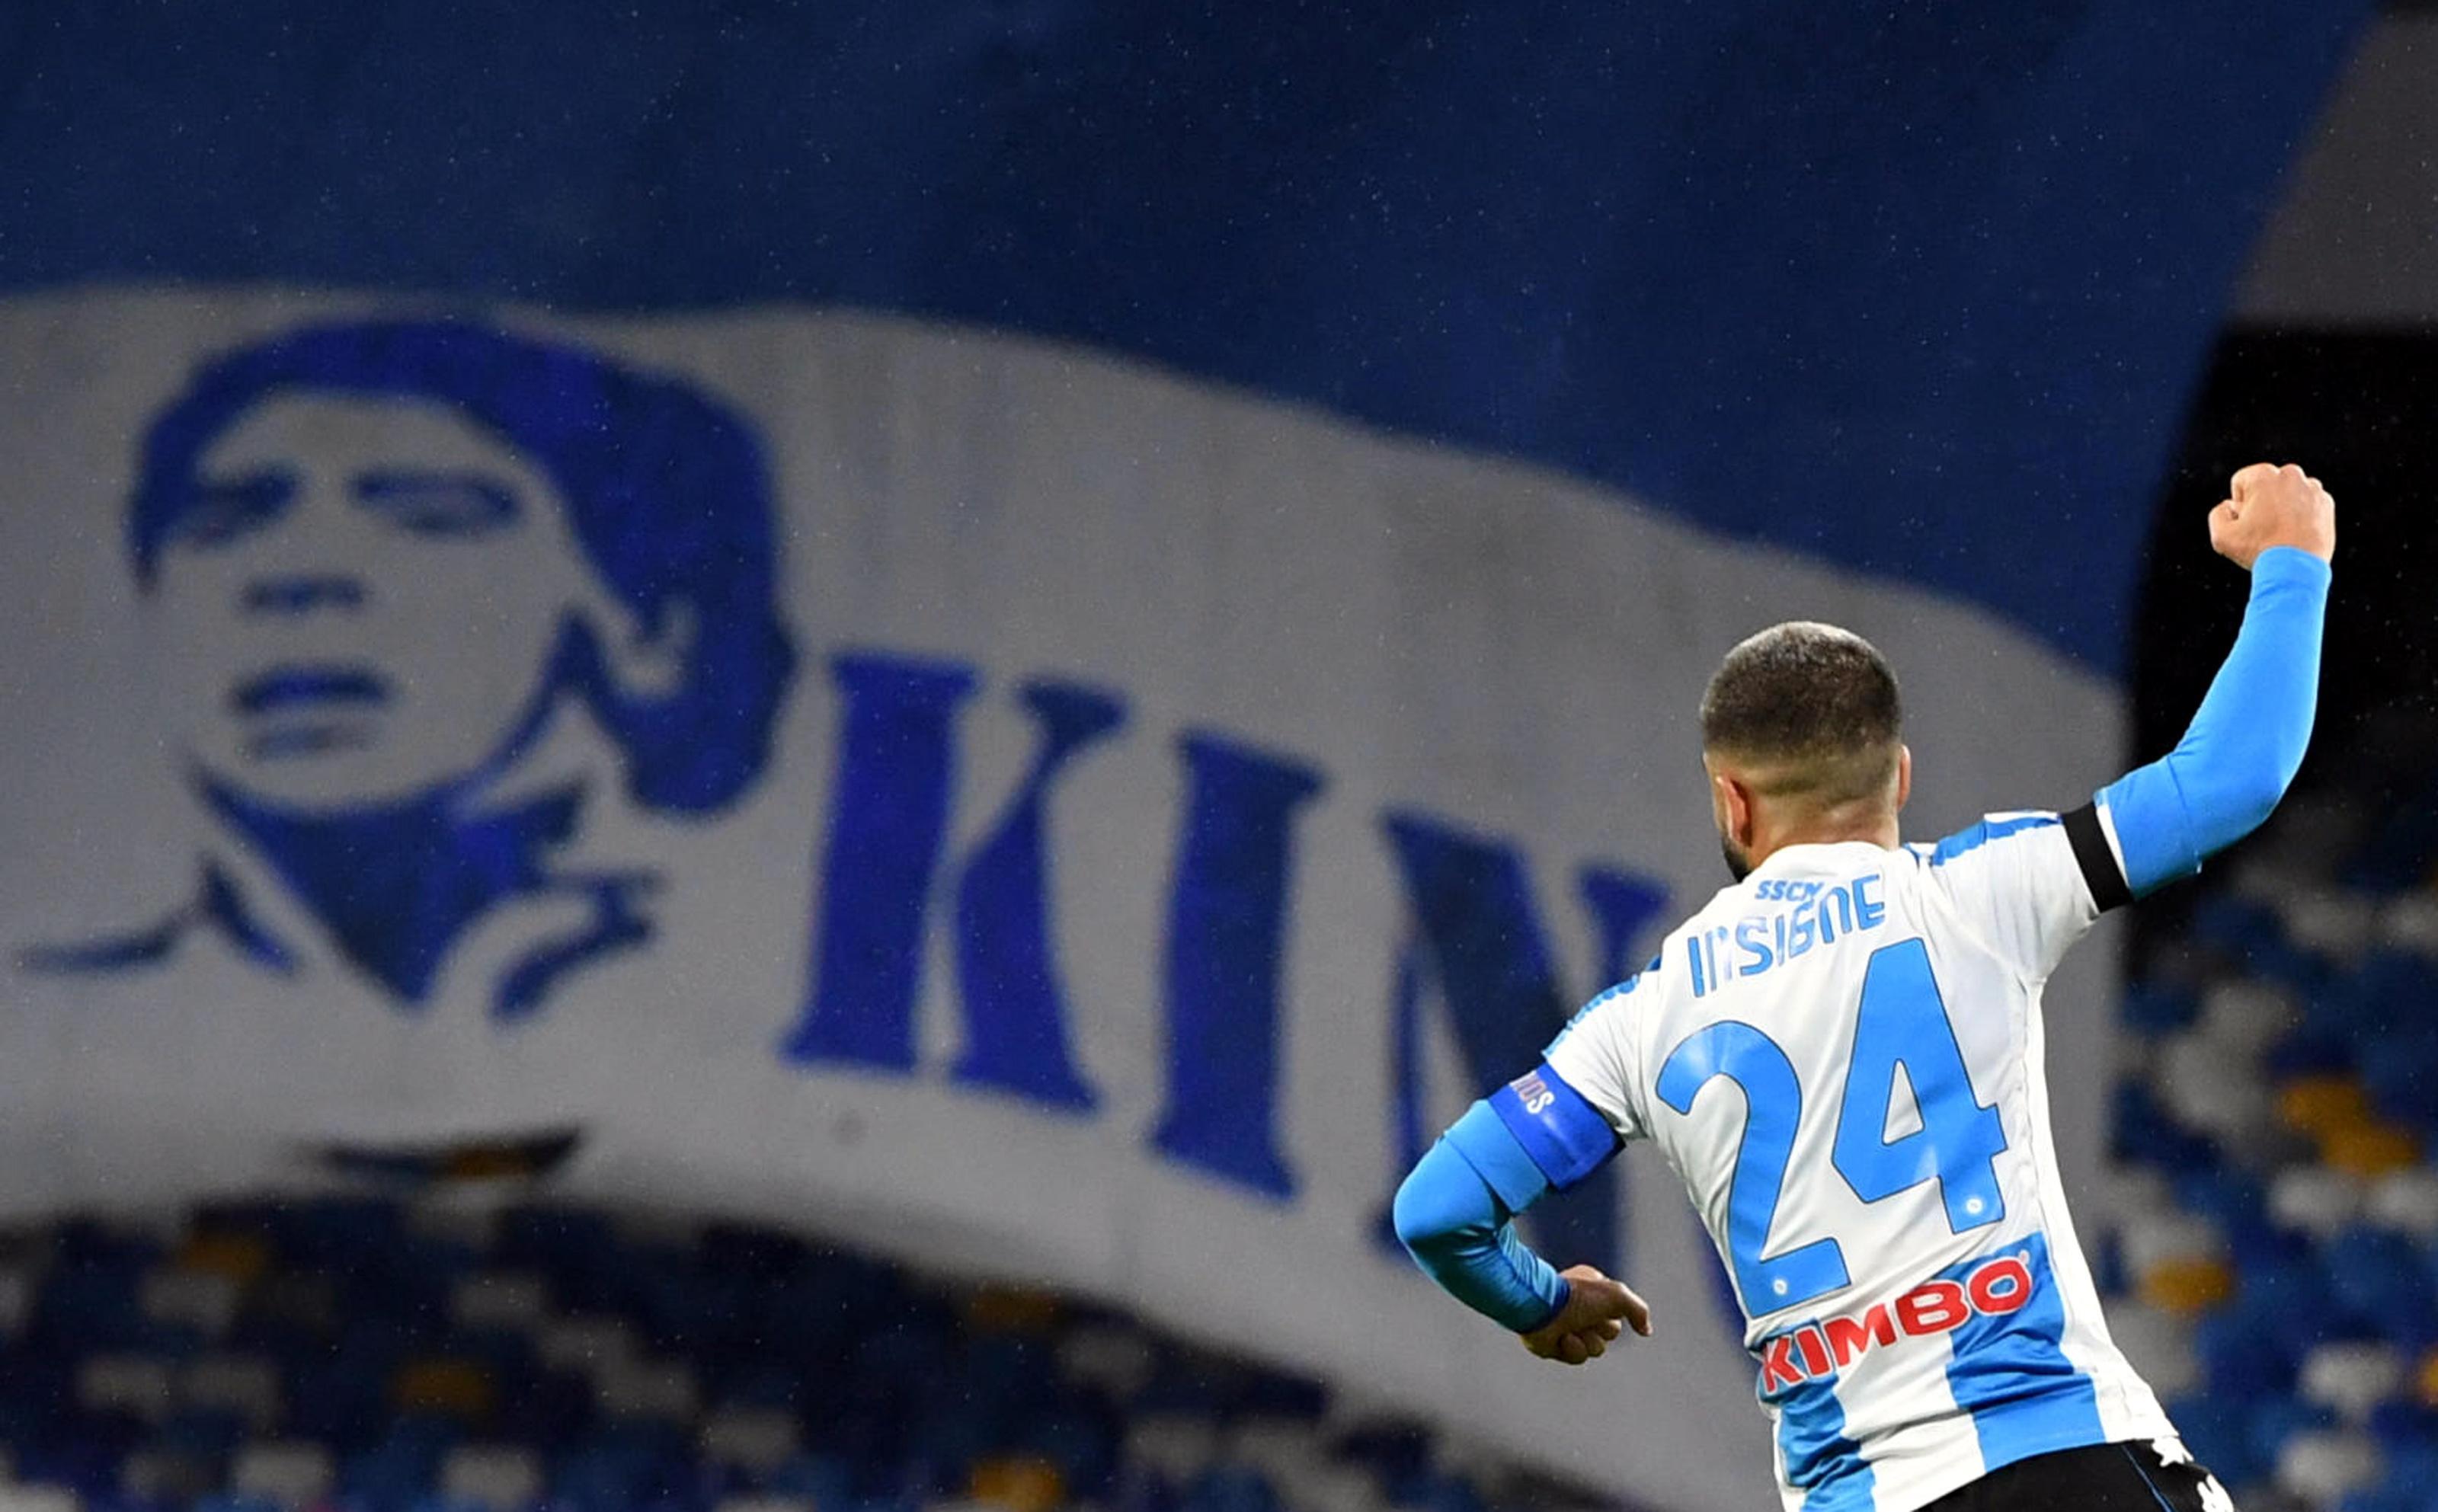 Napoli, donderdag tegenstander van AZ, overklast AS Roma in eerbetoon aan Diego Maradona